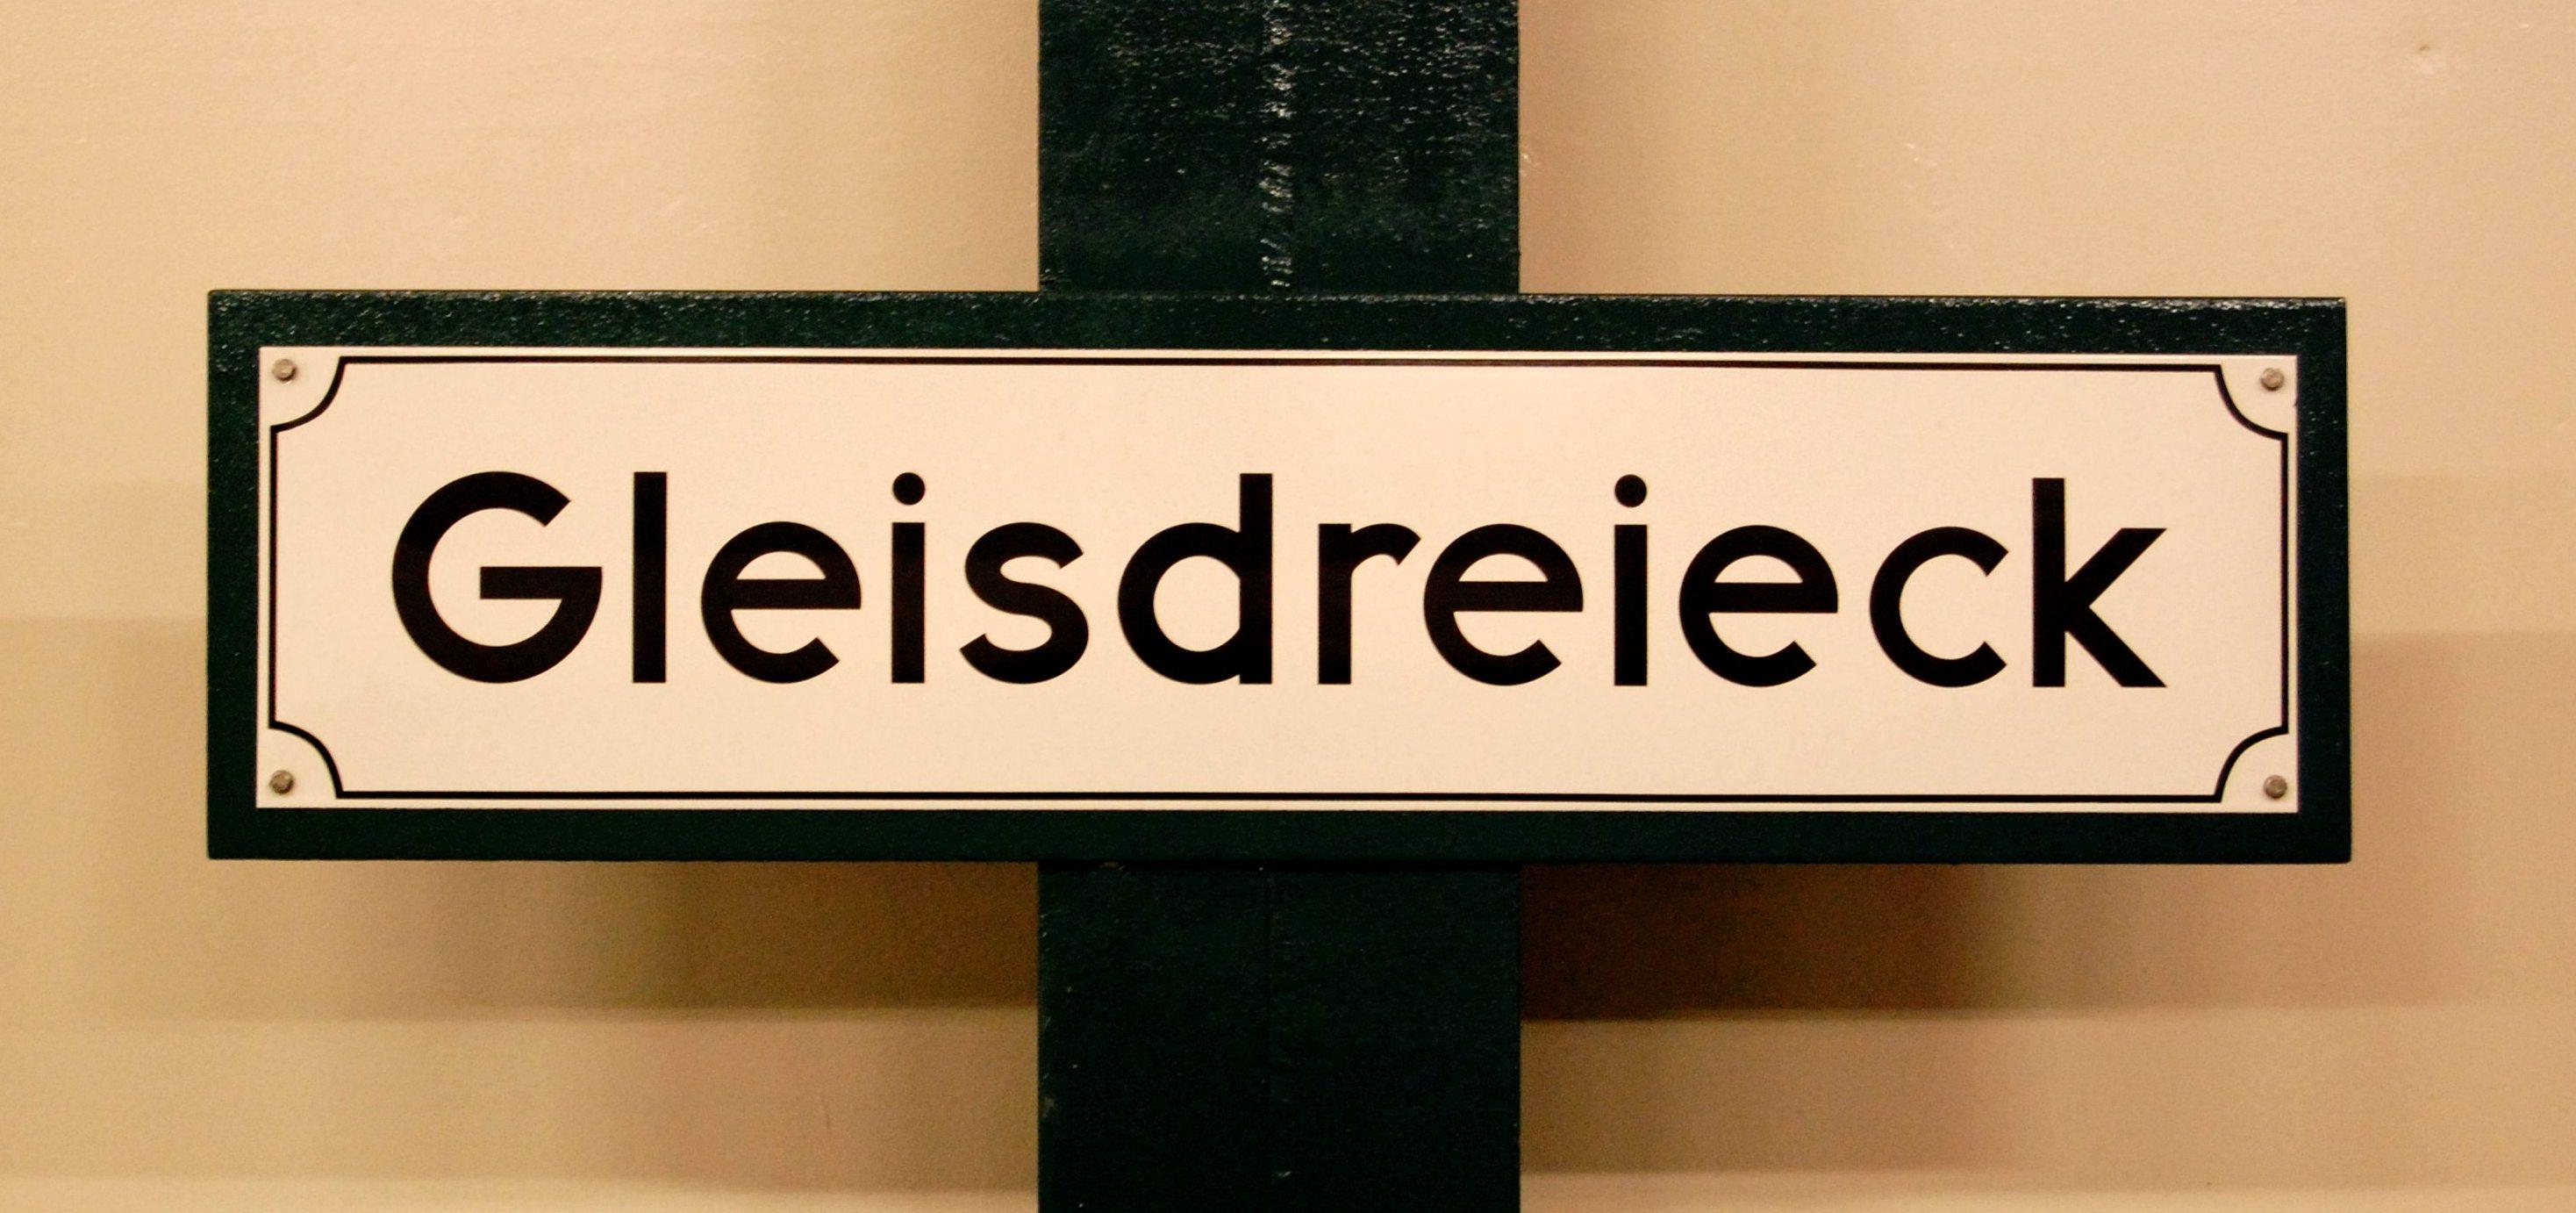 U-Bf Gleisdreieck - Schild, auf alt getrimmt